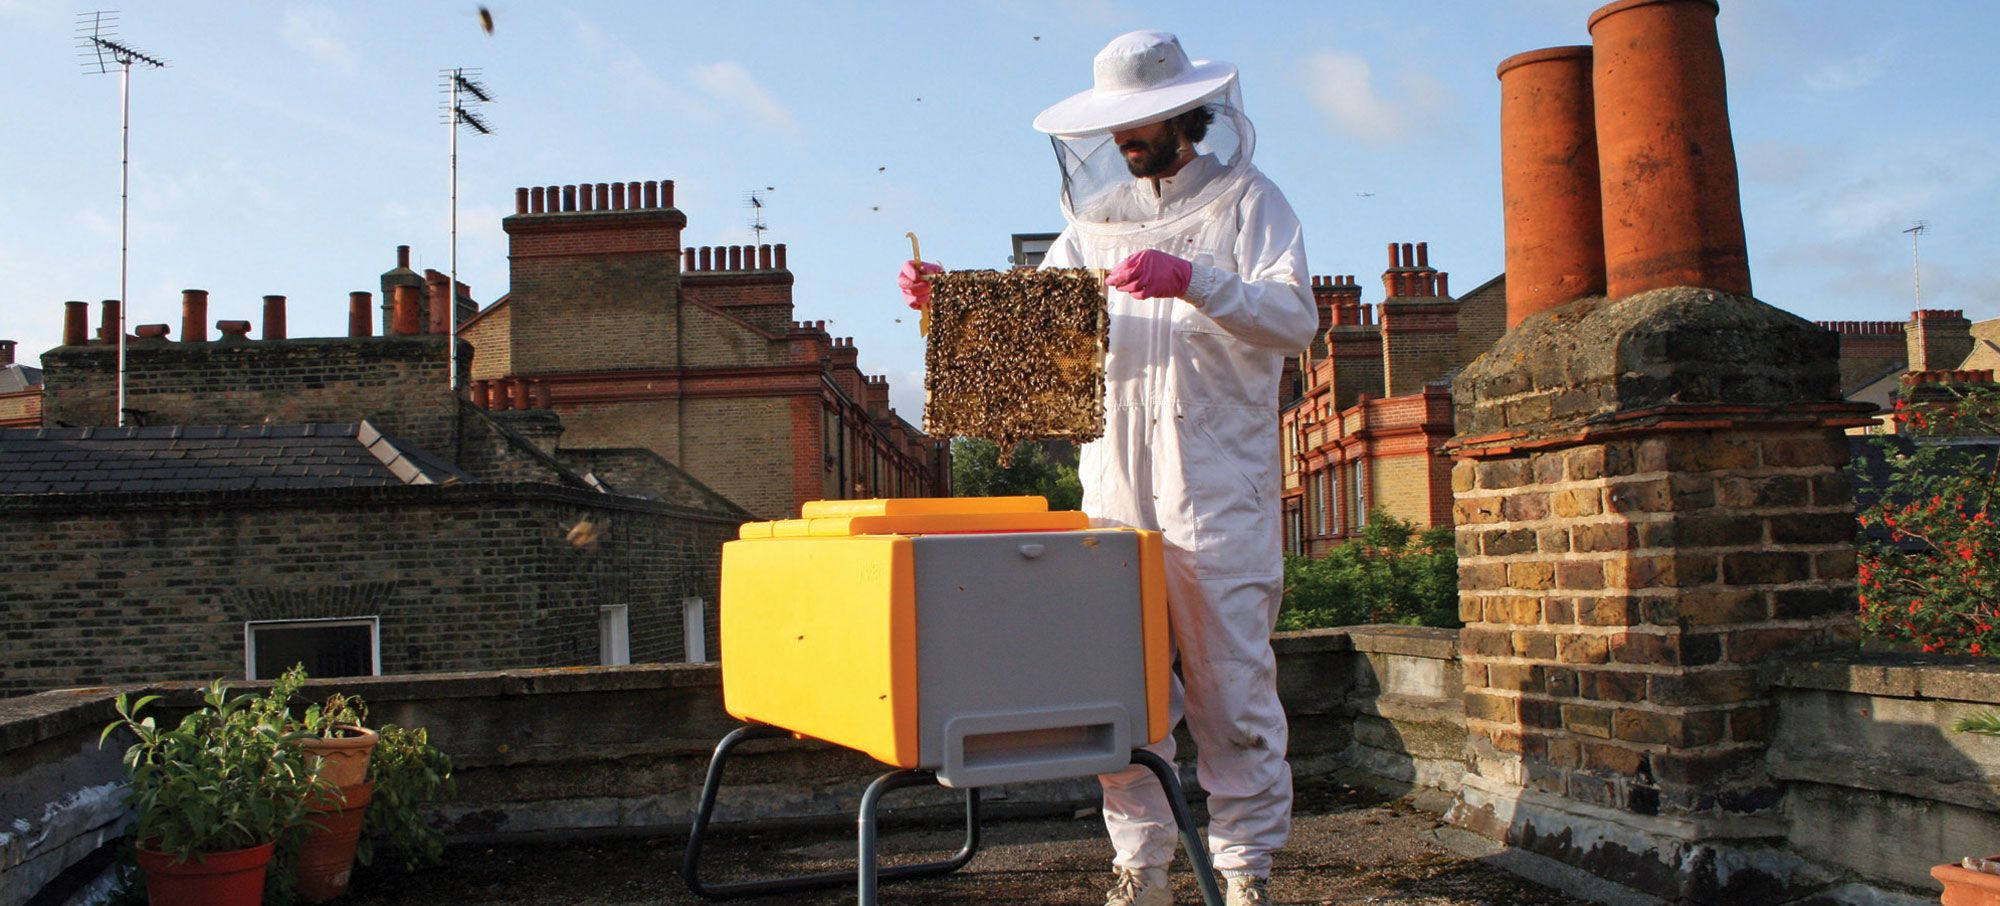 Deutschland summt - werden Sie mit dem Beehaus zum ...